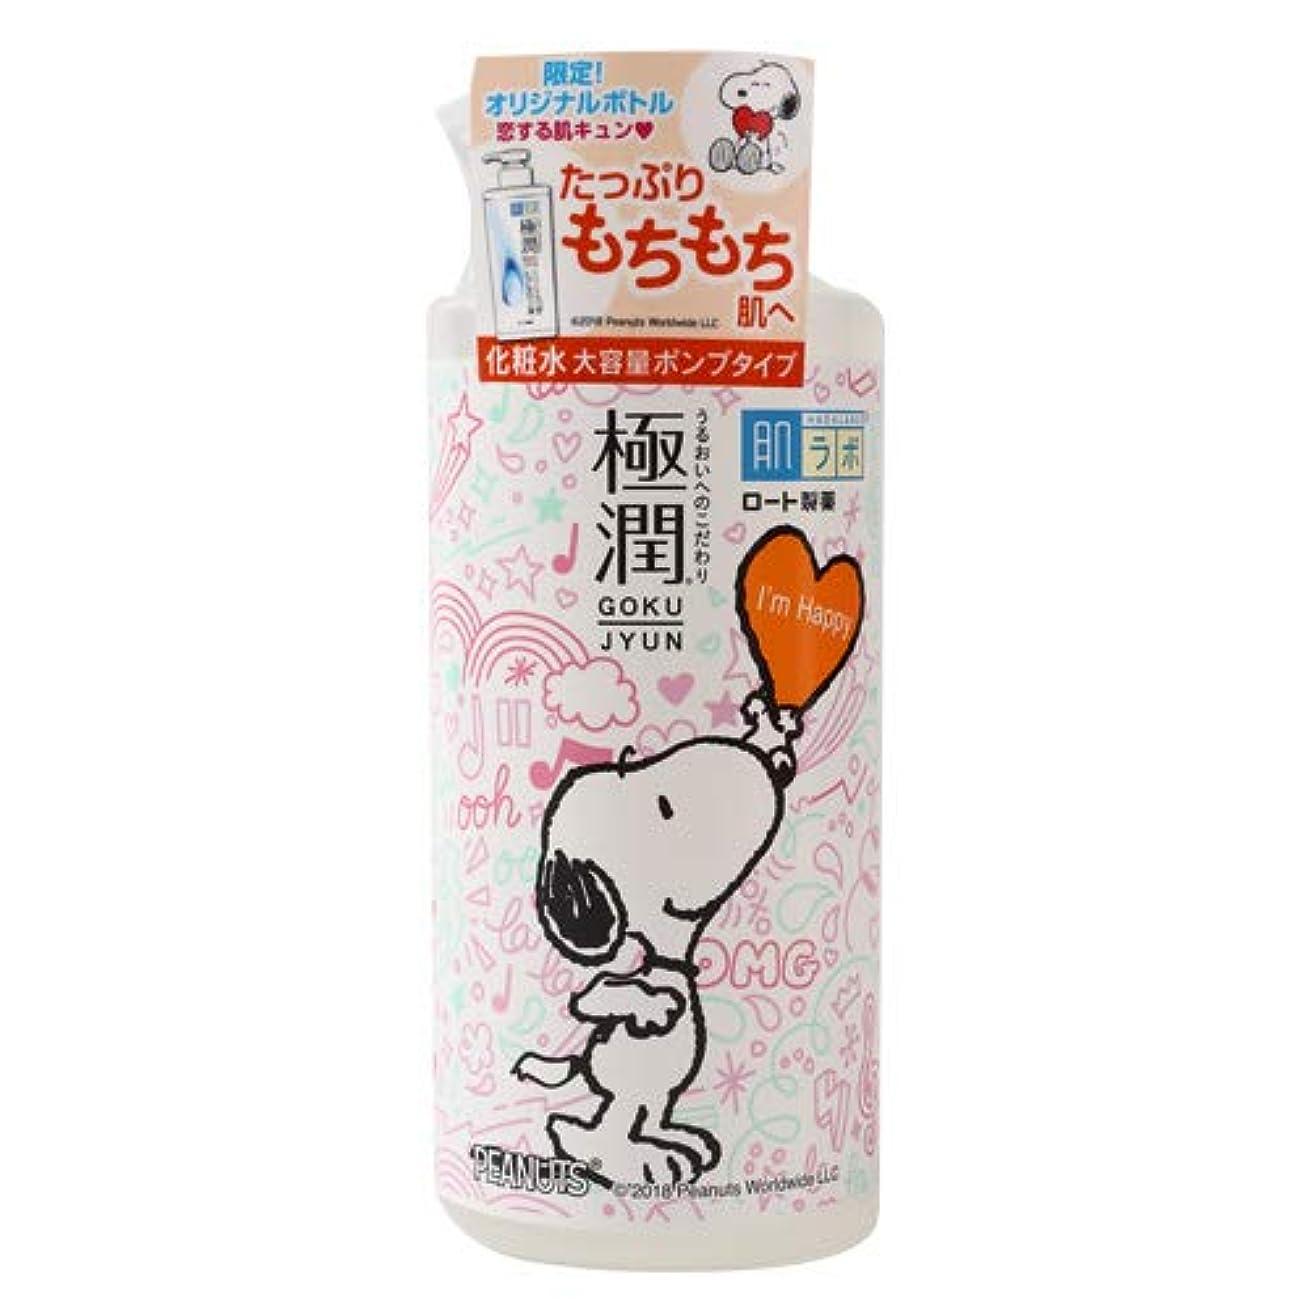 台風電球小学生肌ラボ 極潤 スヌーピー ヒアルロン酸 化粧水 ヒアルロン酸3種配合 大容量ポンプタイプ 400ml ヒアルロン液 HADARABO GOKUJYUN Snoopy Peanuts スヌーピー グッズ (A. I'm Happy)